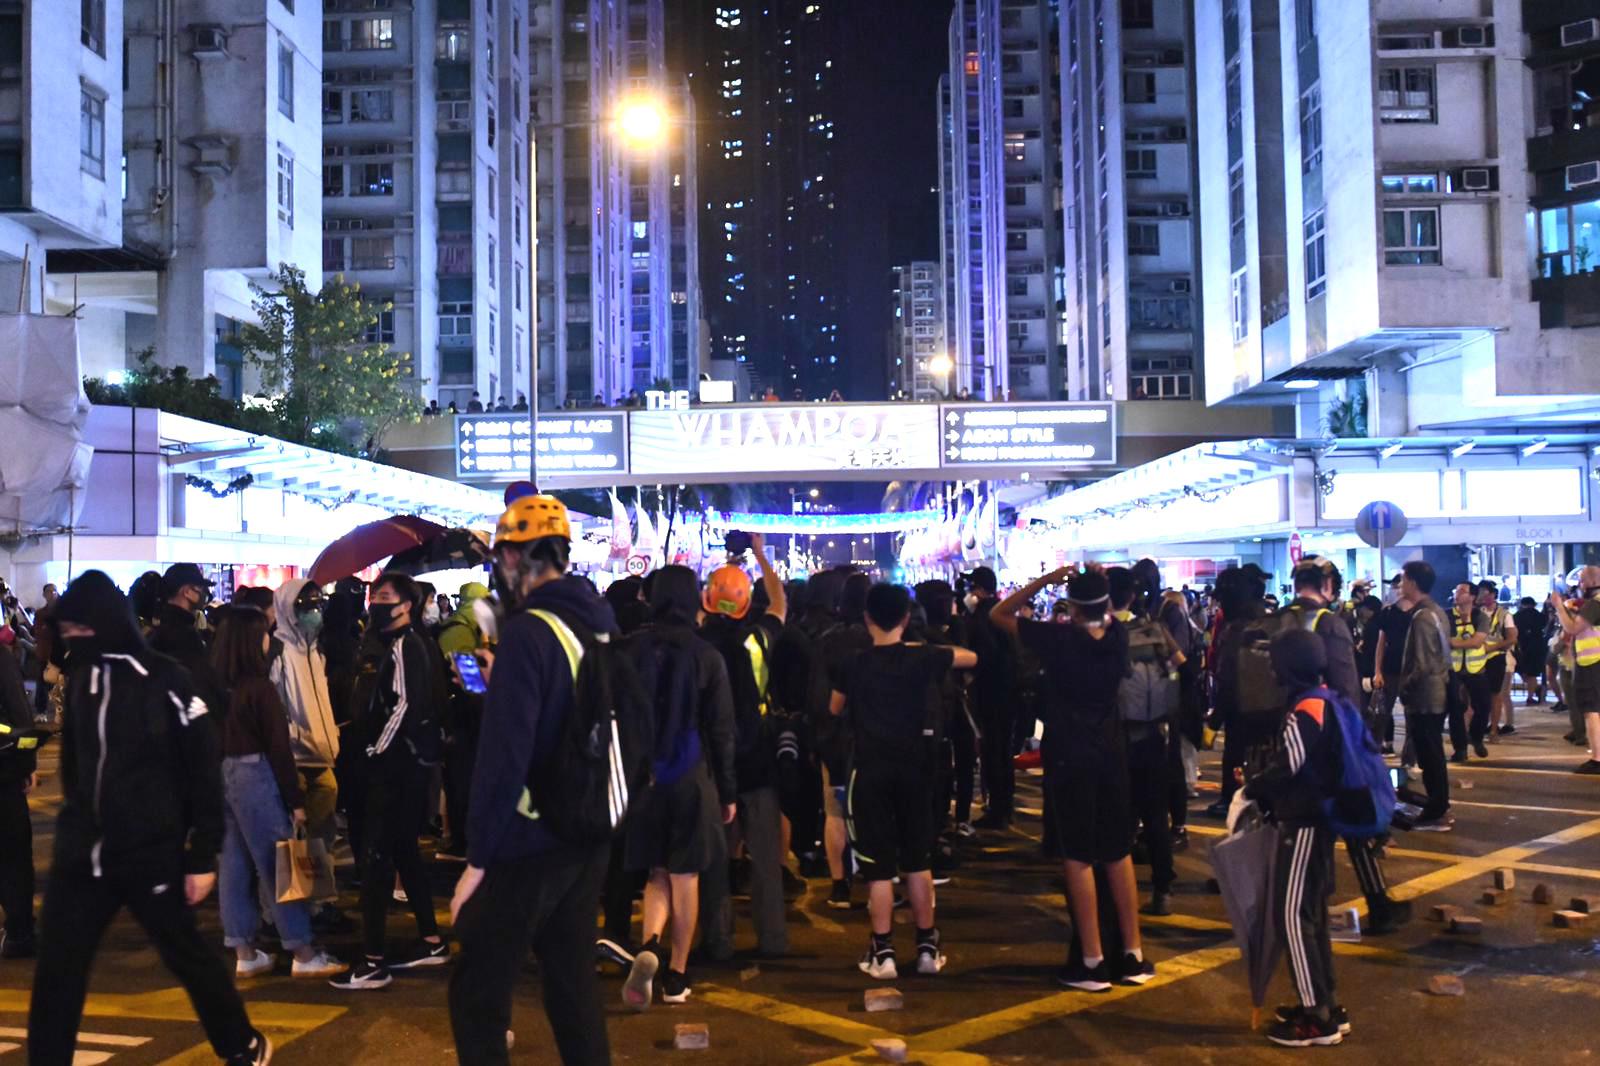 黃埔有示威者聚集堵路